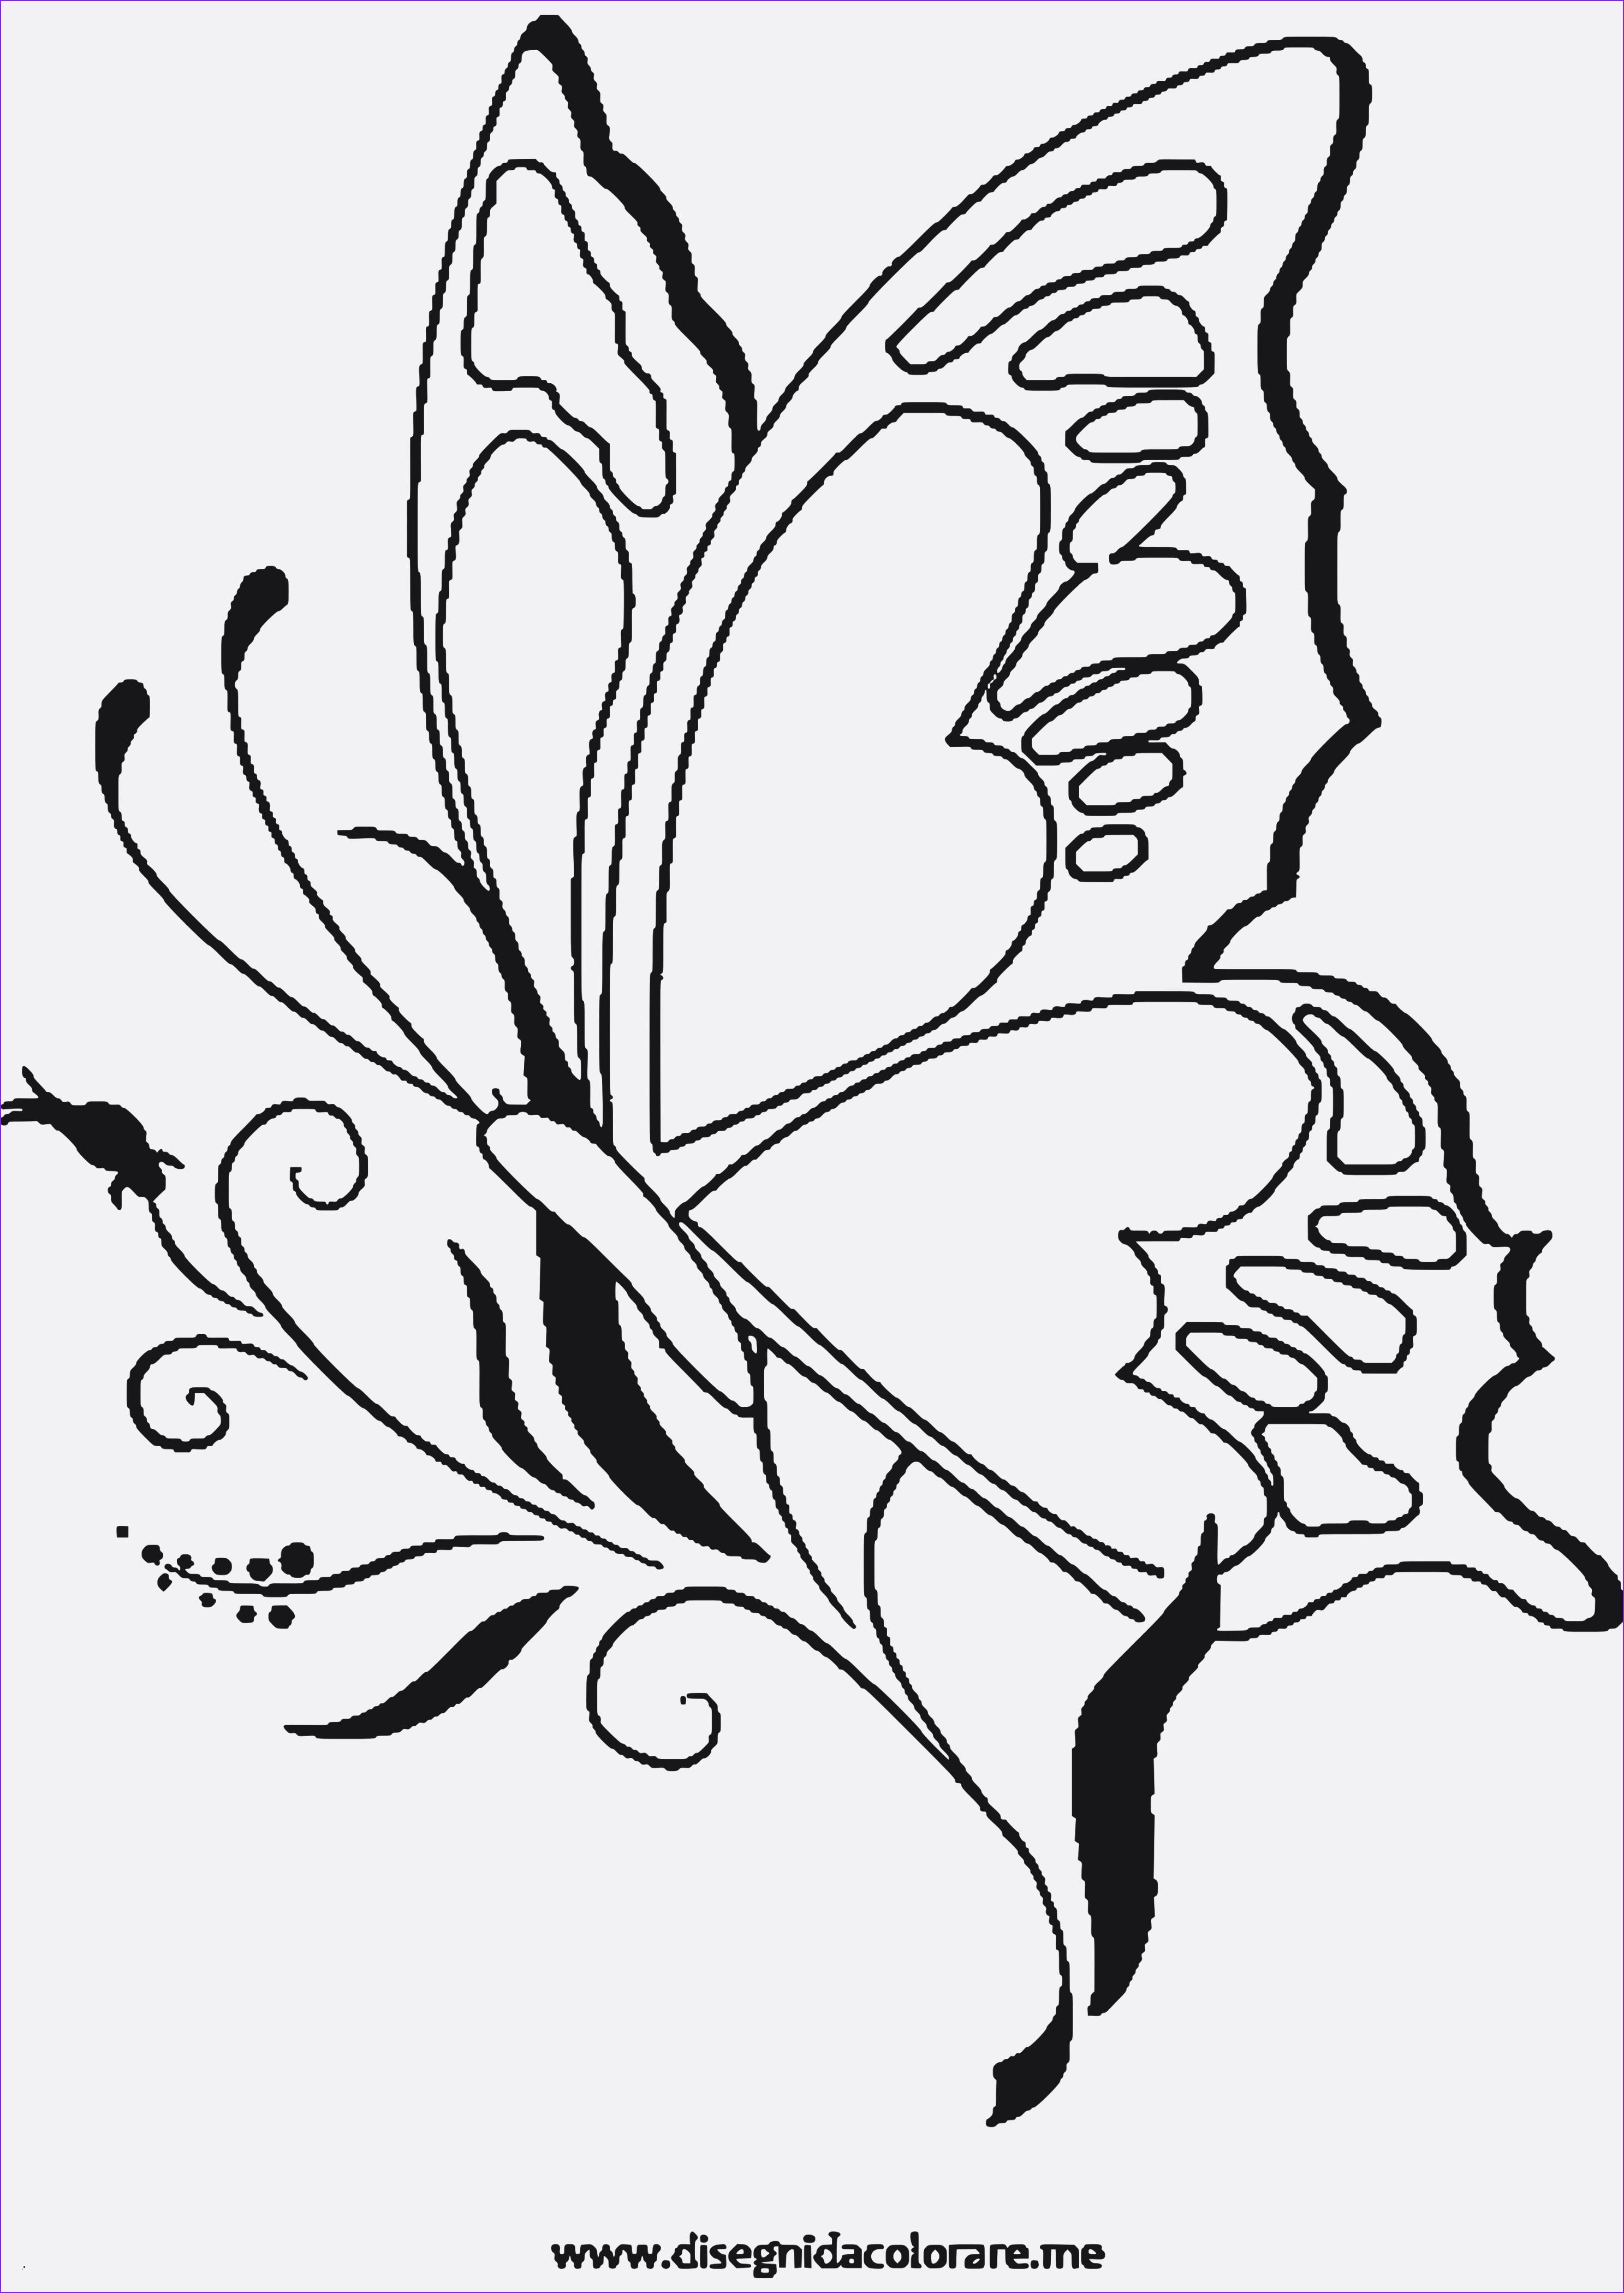 Schmetterling Bilder Zum Ausmalen Frisch 40 Das Konzept Von Ausmalbilder Schmetterling Zum Ausdrucken Bild